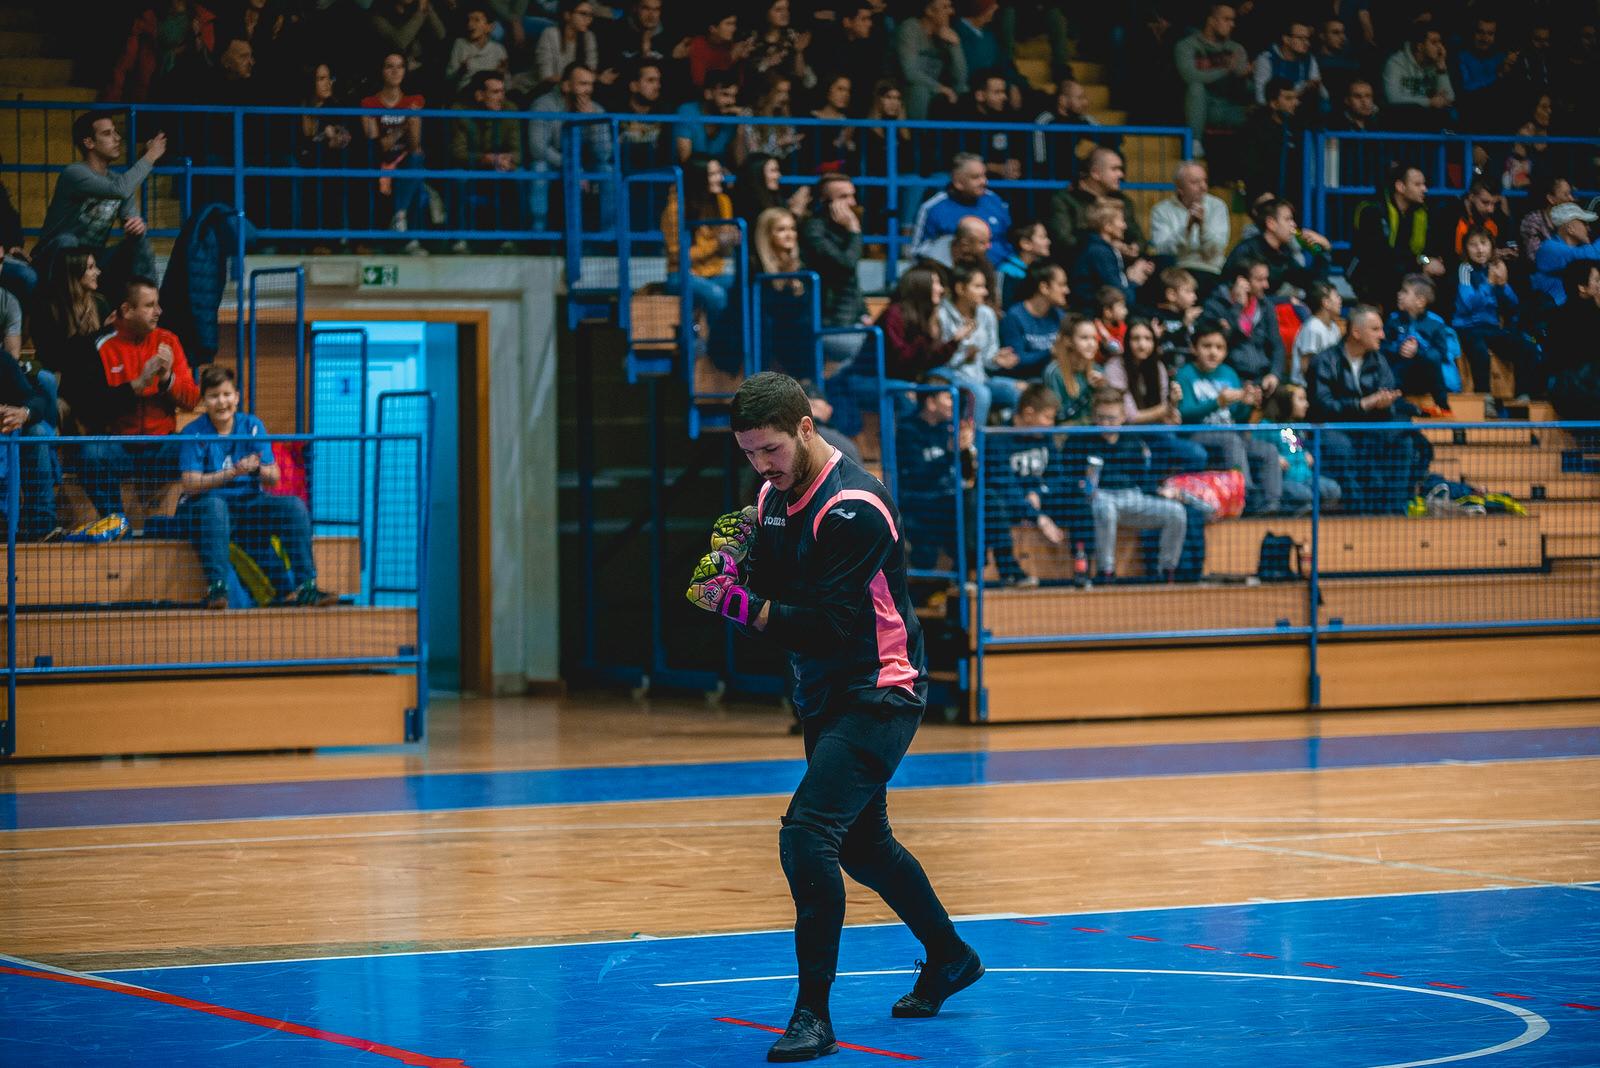 likaclub_gospić_zimski-malonogometni-turnir-2018-19-55